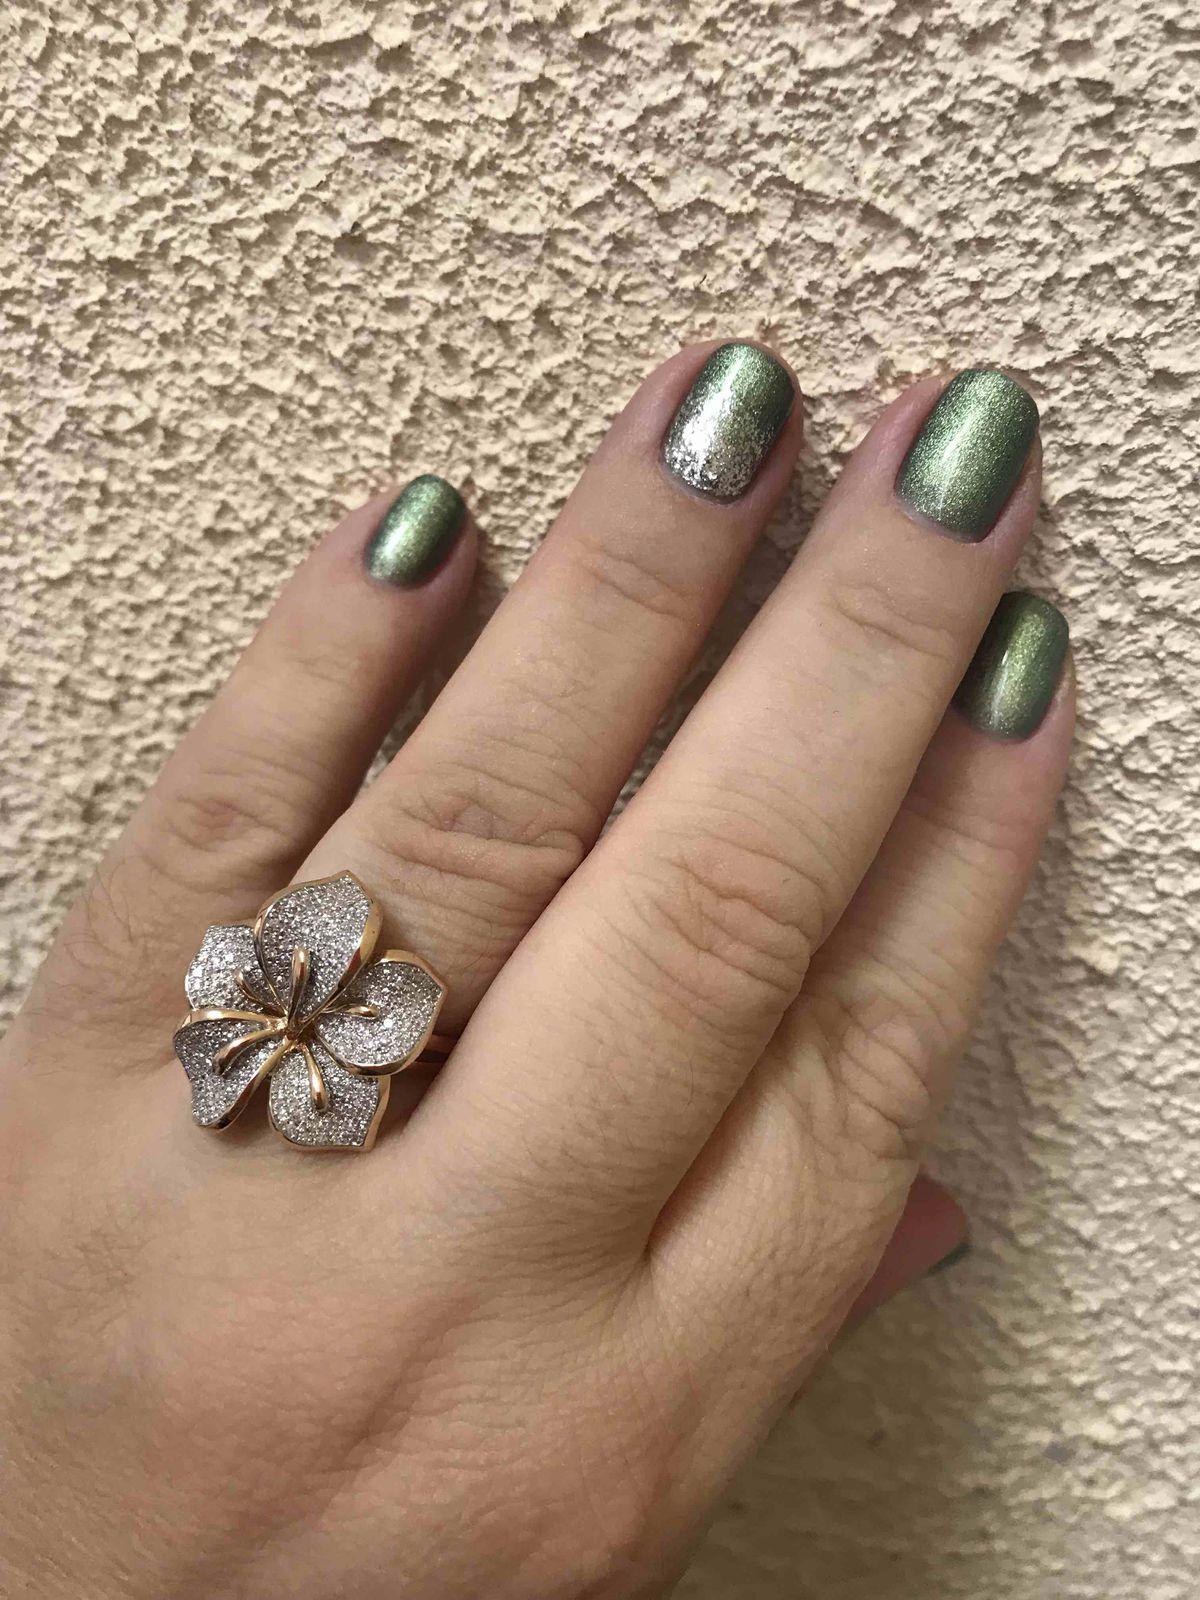 Оболденно красивое кольцо и смотрится богато, очень рада за такую красоту